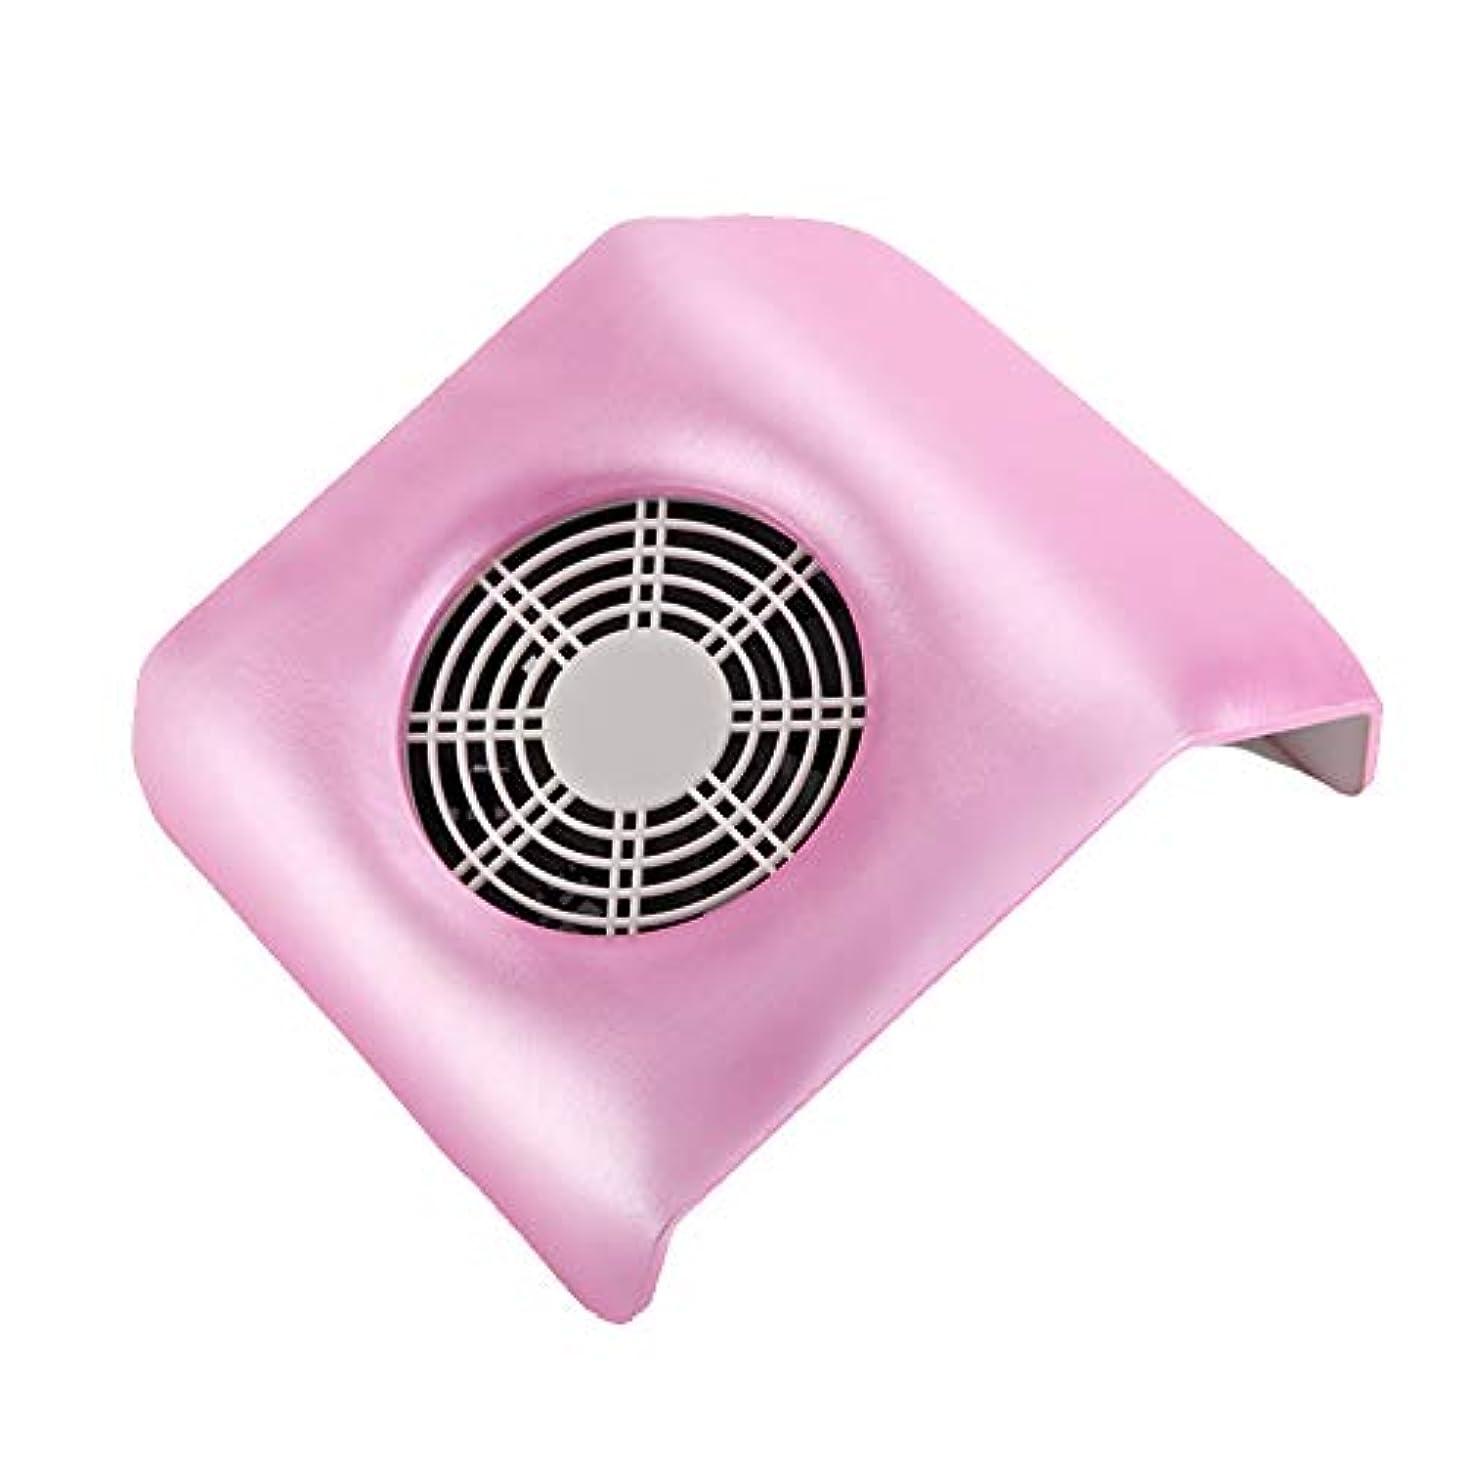 効率的階下海ネイル 集塵機 ネイルアート掃除機 ネイルマシン ネイルダスト ダストクリーナー ネイル機器 集塵バッグ付き ピンク